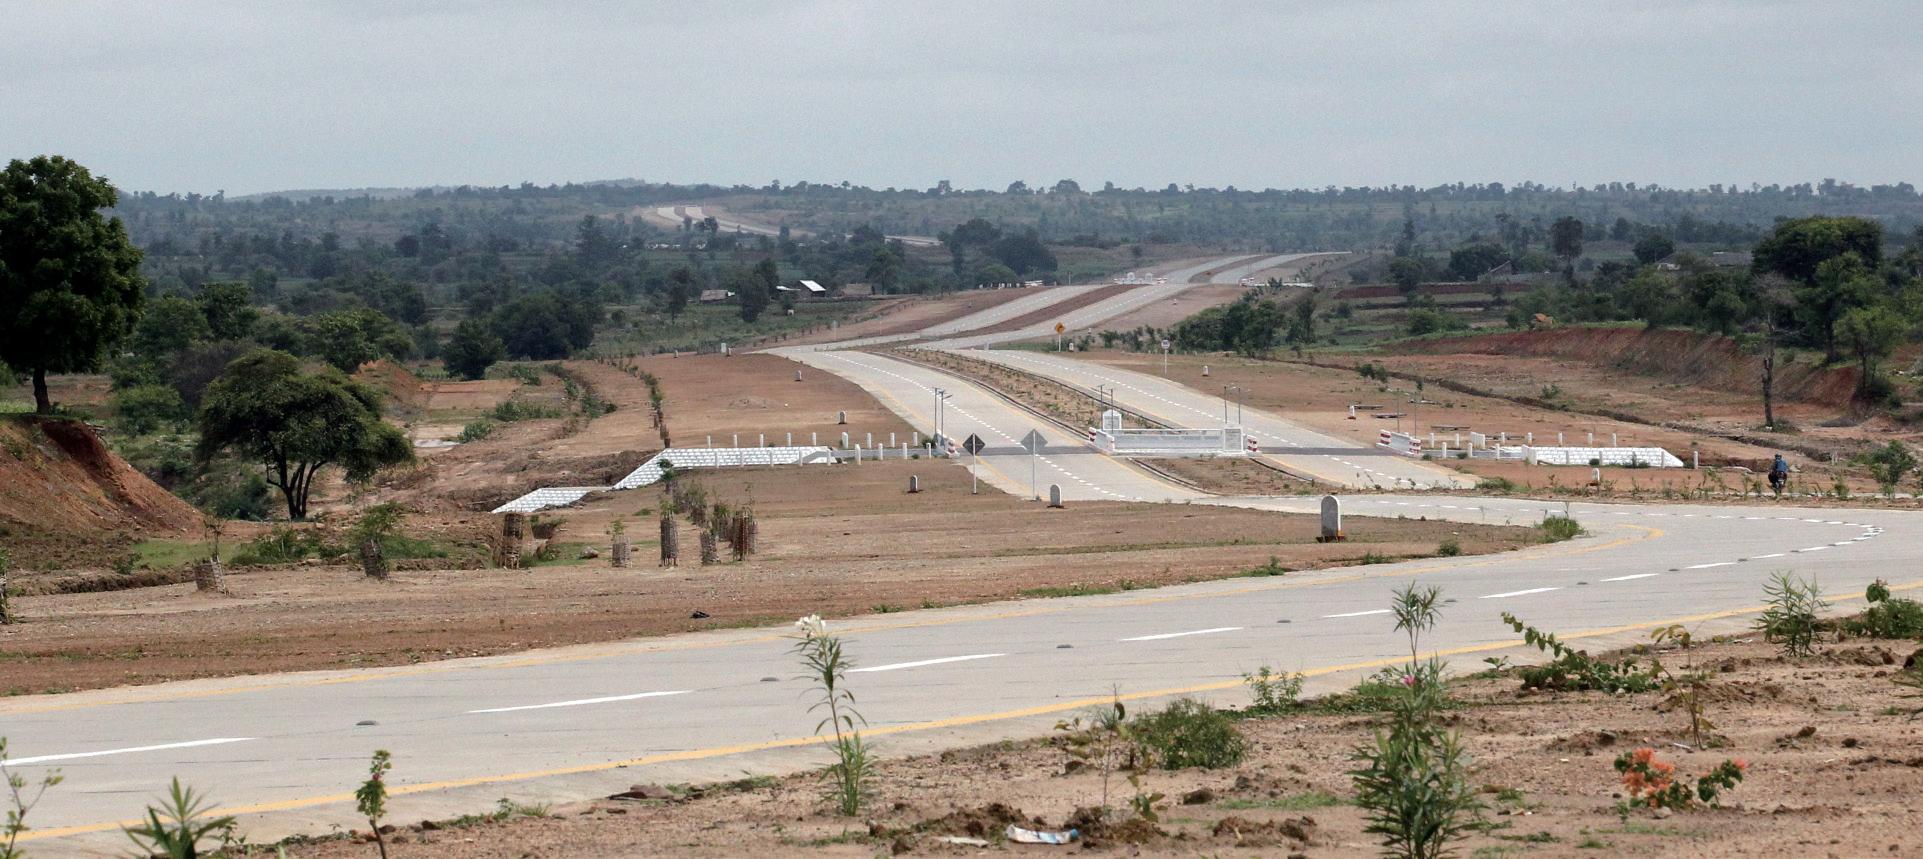 양곤에서 새로운 수도 네피도로 가는 고속도로 전경.